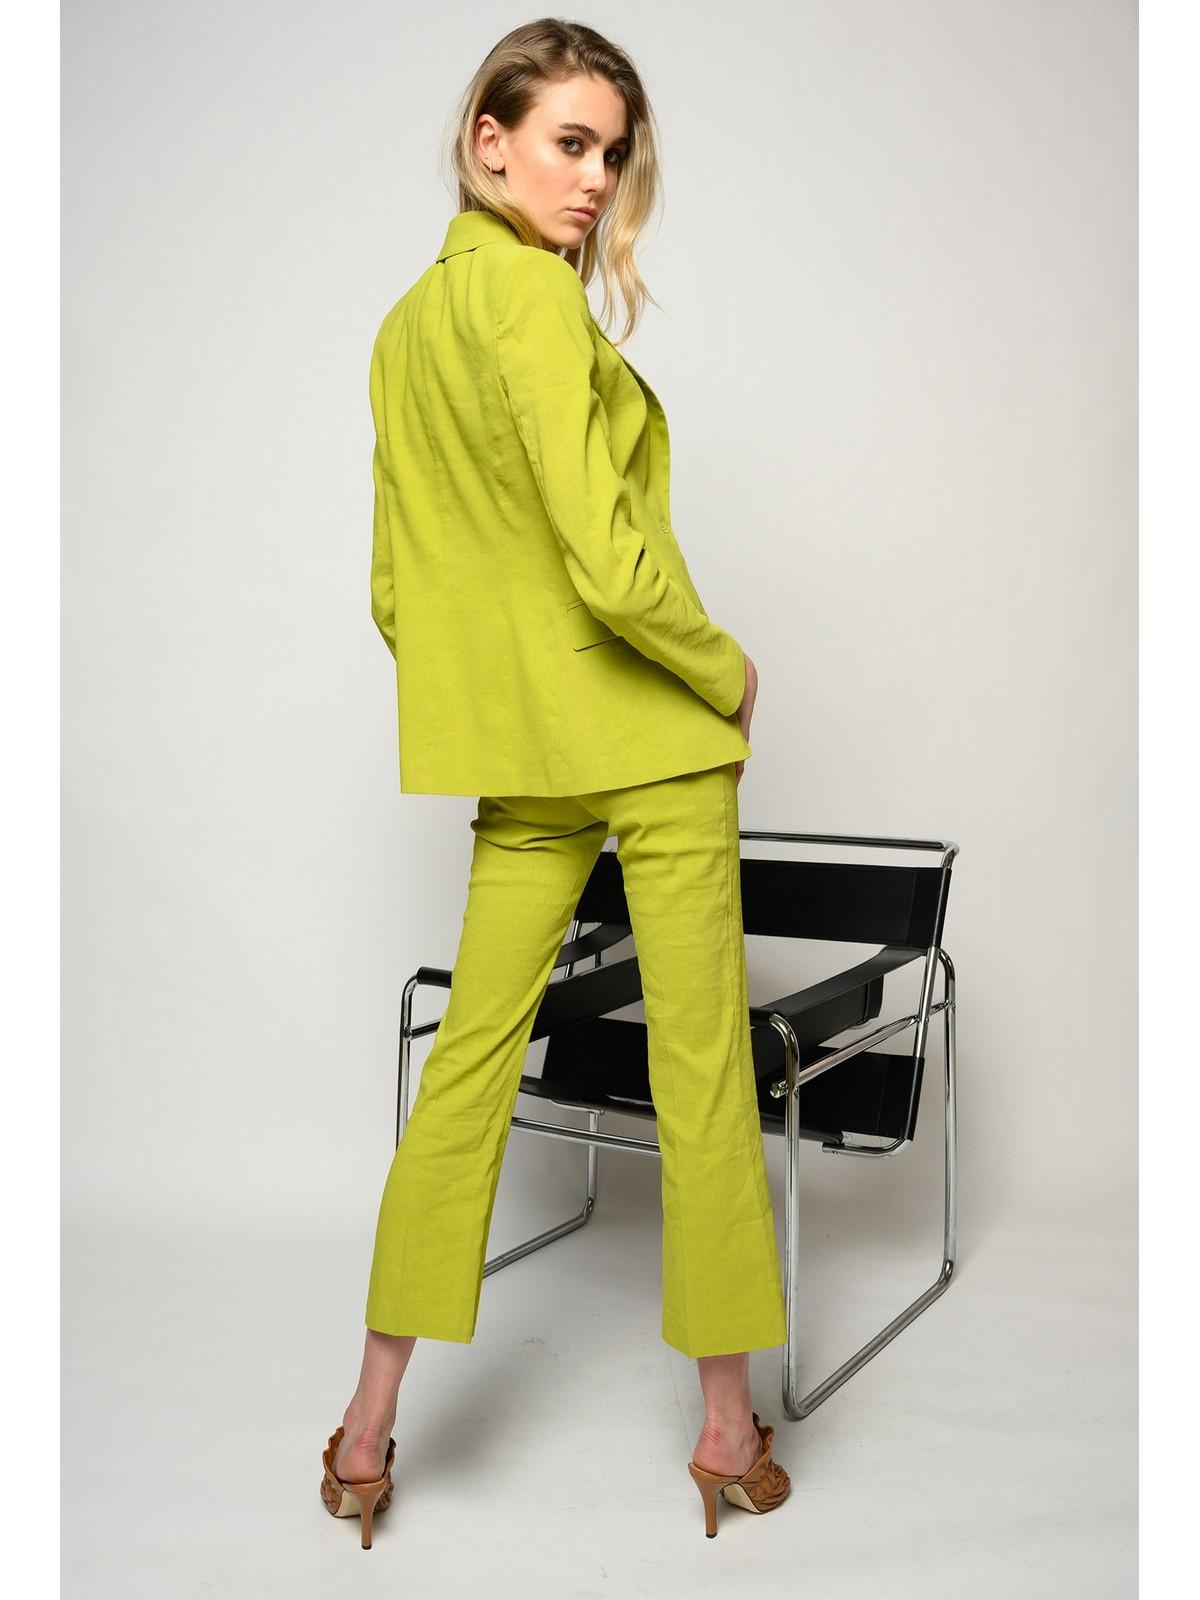 Blazer linnen - Sigmatico - Pinko